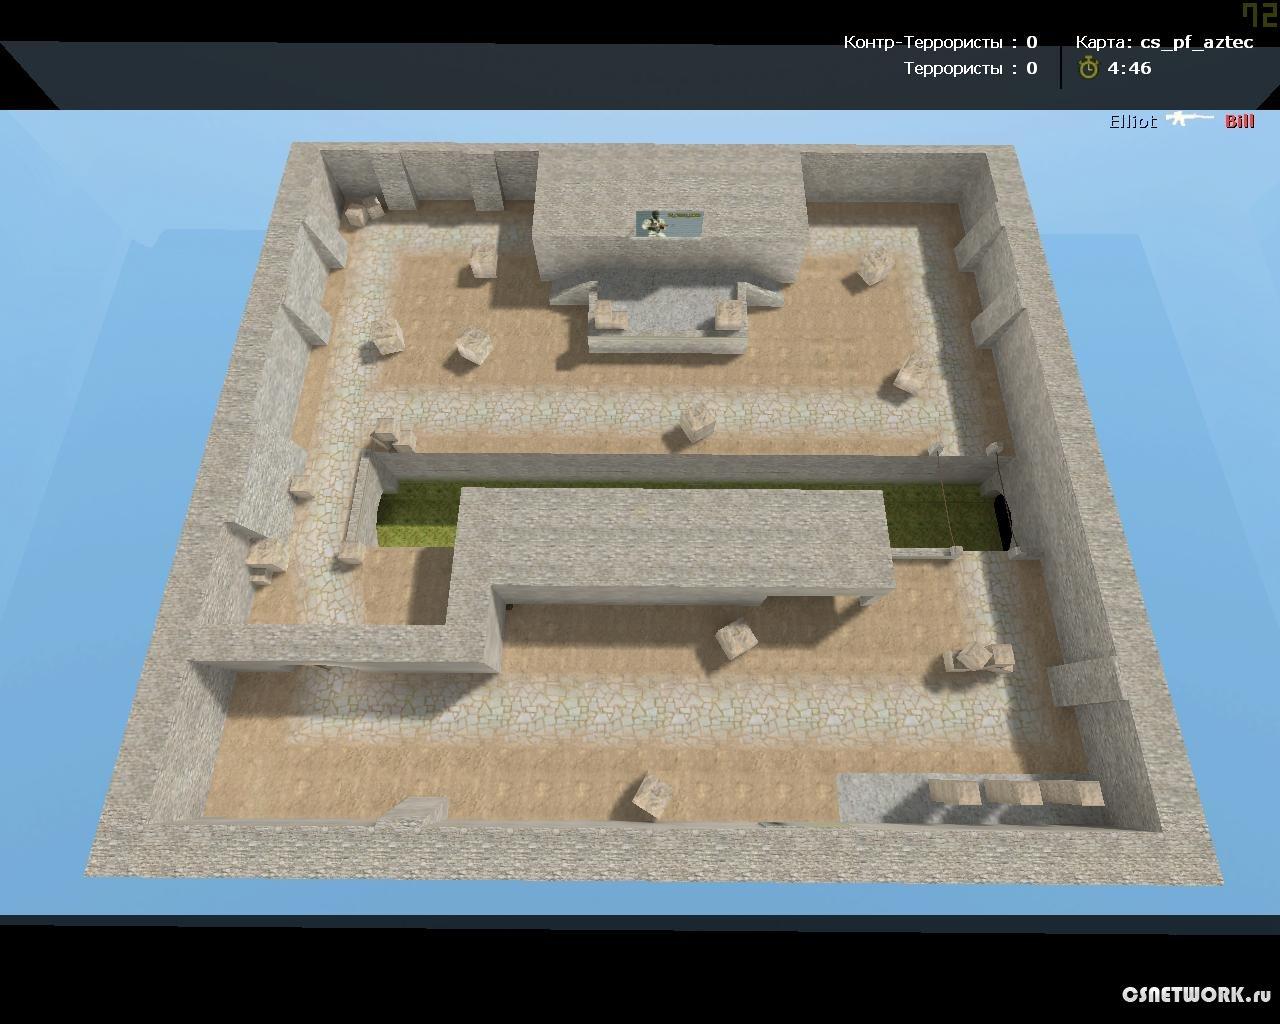 地图cs_pf_aztec: 下载文件,地图截图图片